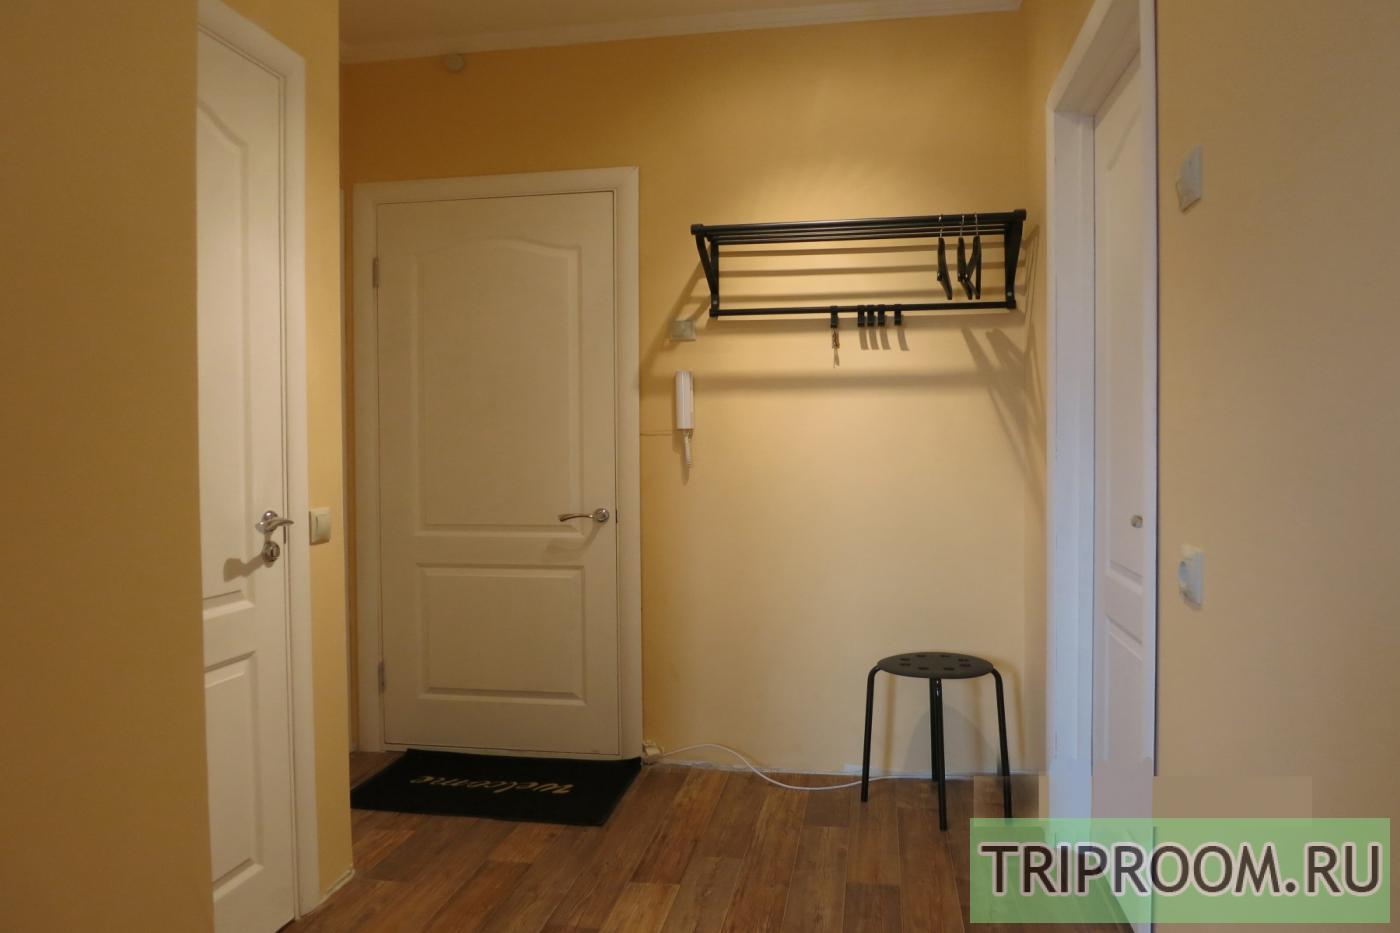 1-комнатная квартира посуточно (вариант № 6972), ул. Авиационная улица, фото № 6